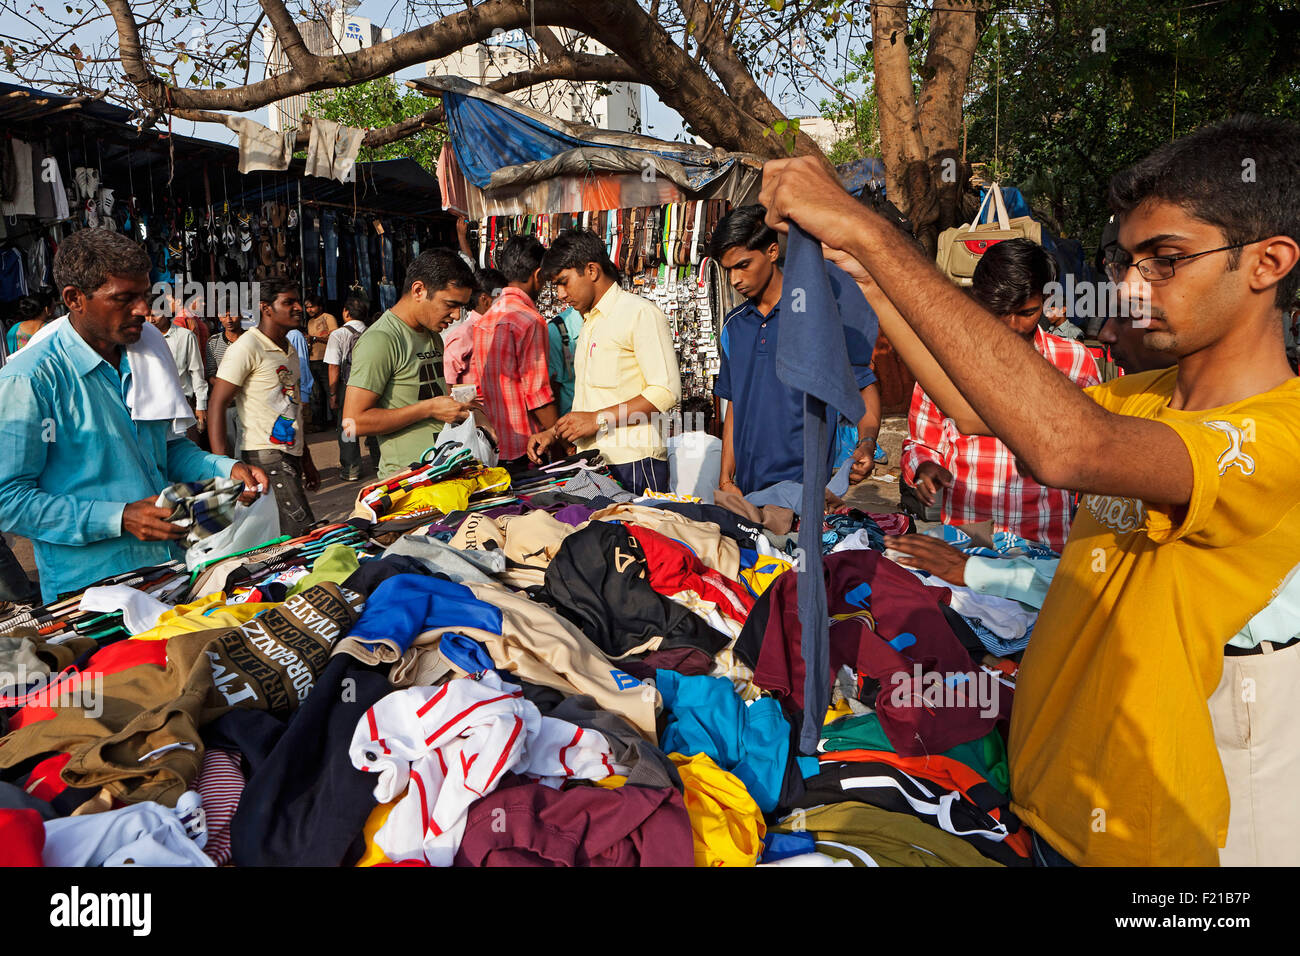 India, Maharashtra, Mumbai, Outdoor clothes market near Churchgate Station. - Stock Image